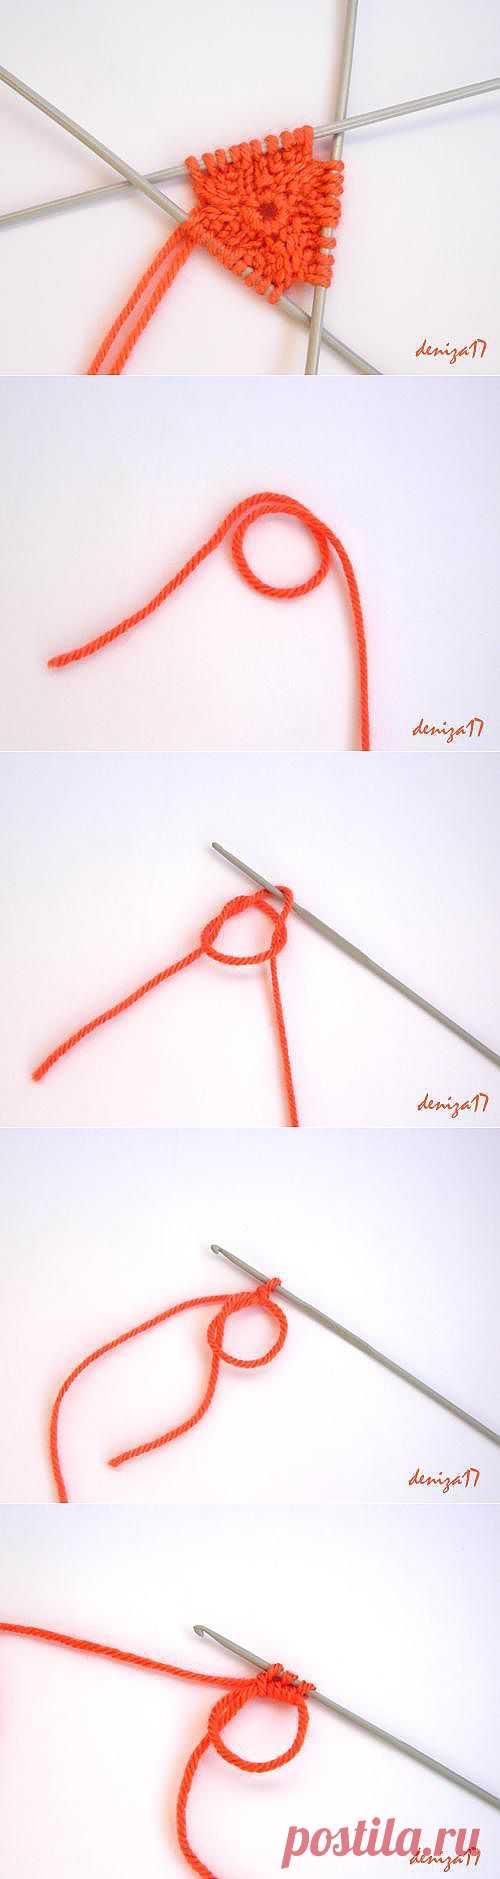 Набор петель крючком для кругового вязания на спицах. .